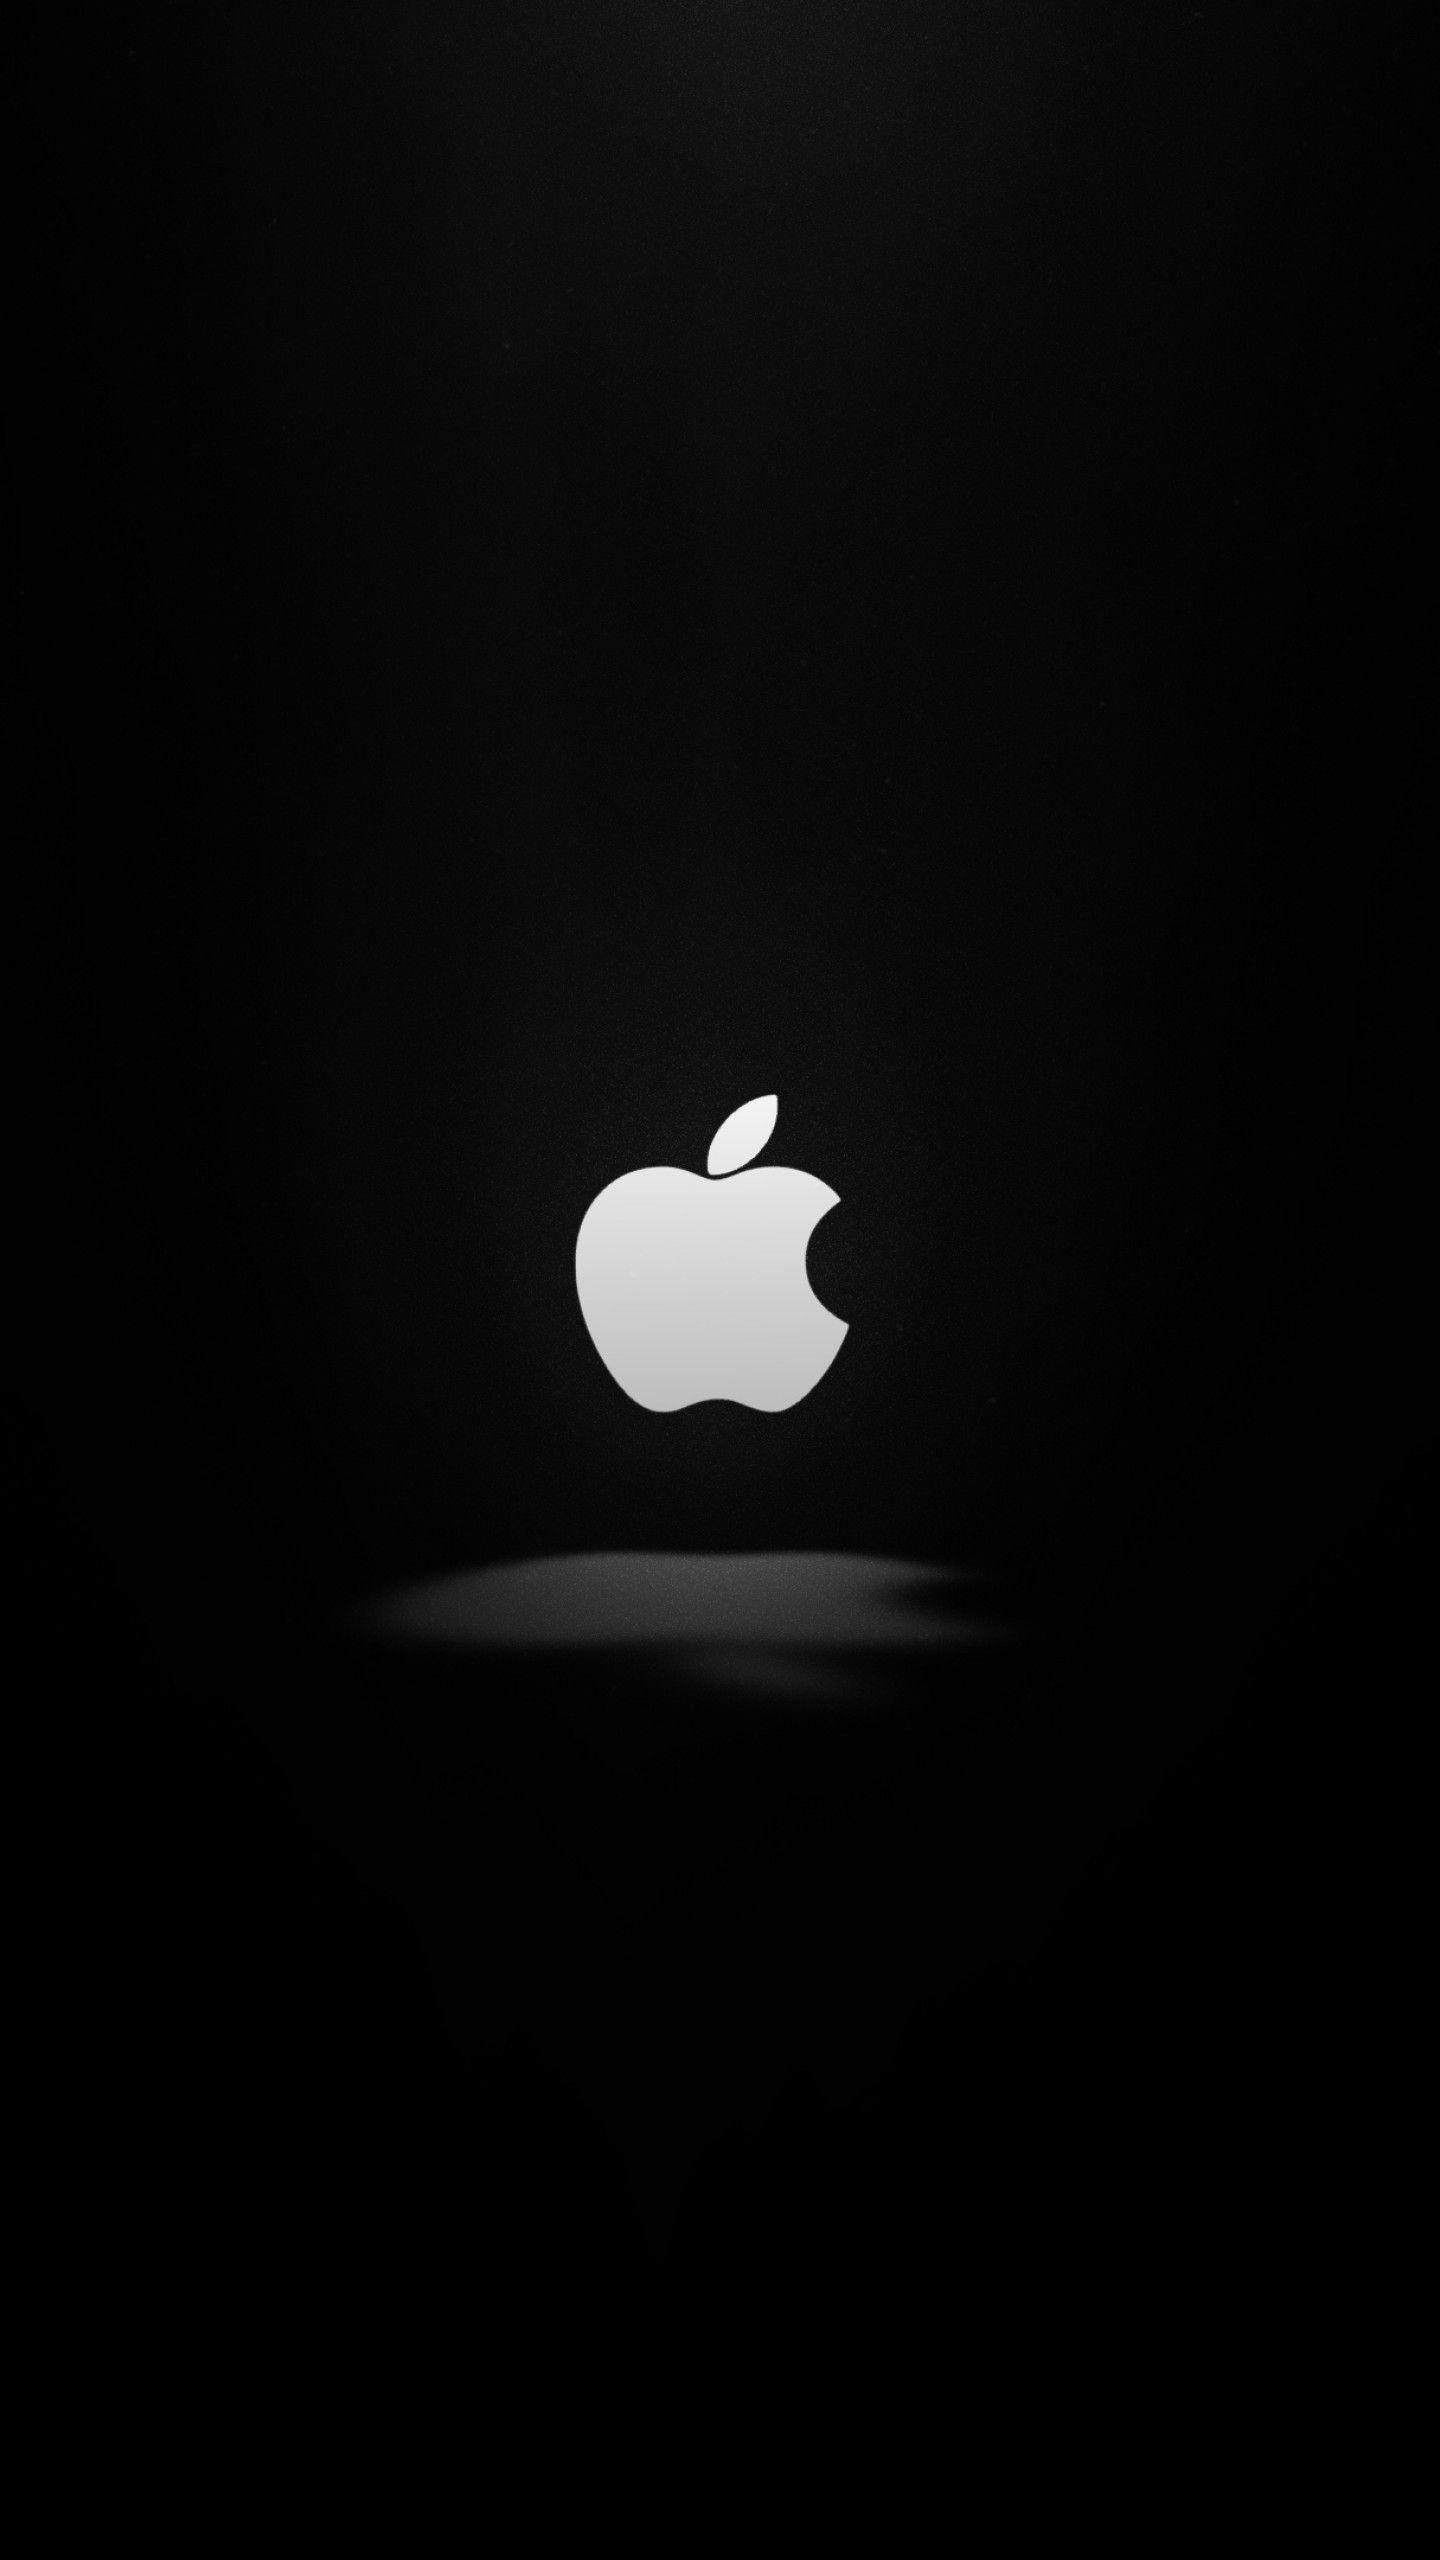 1440x2560 Hình nền Apple, Tối, Logo, 4K, Tối thiểu